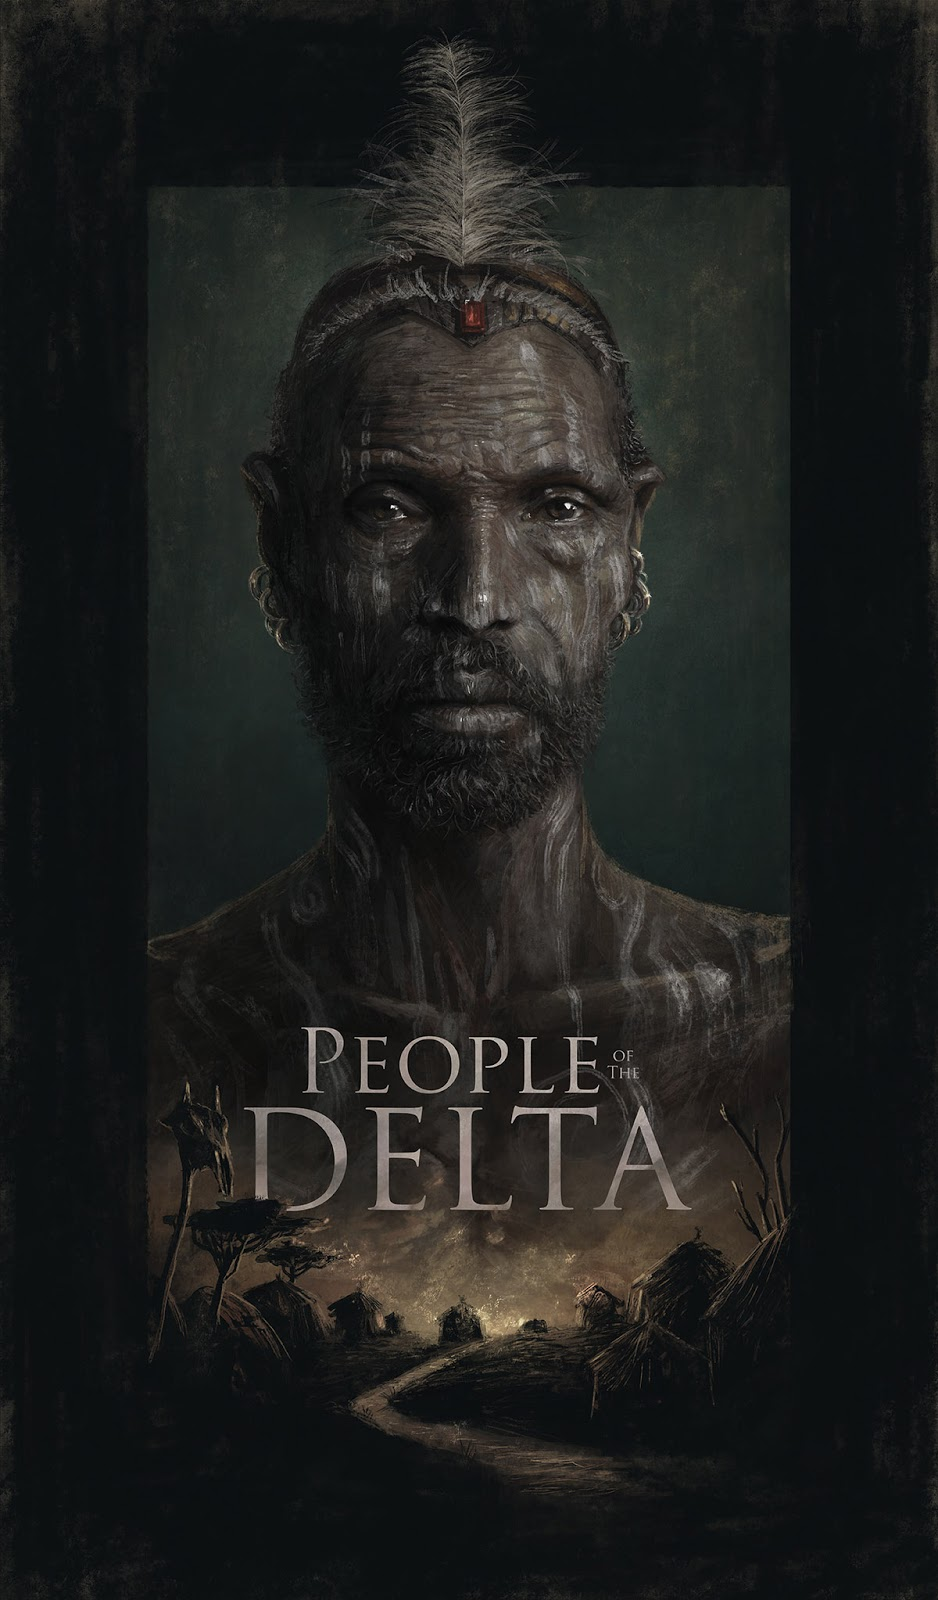 People of the Delta - Tiempo duros para los pueblos del Delta